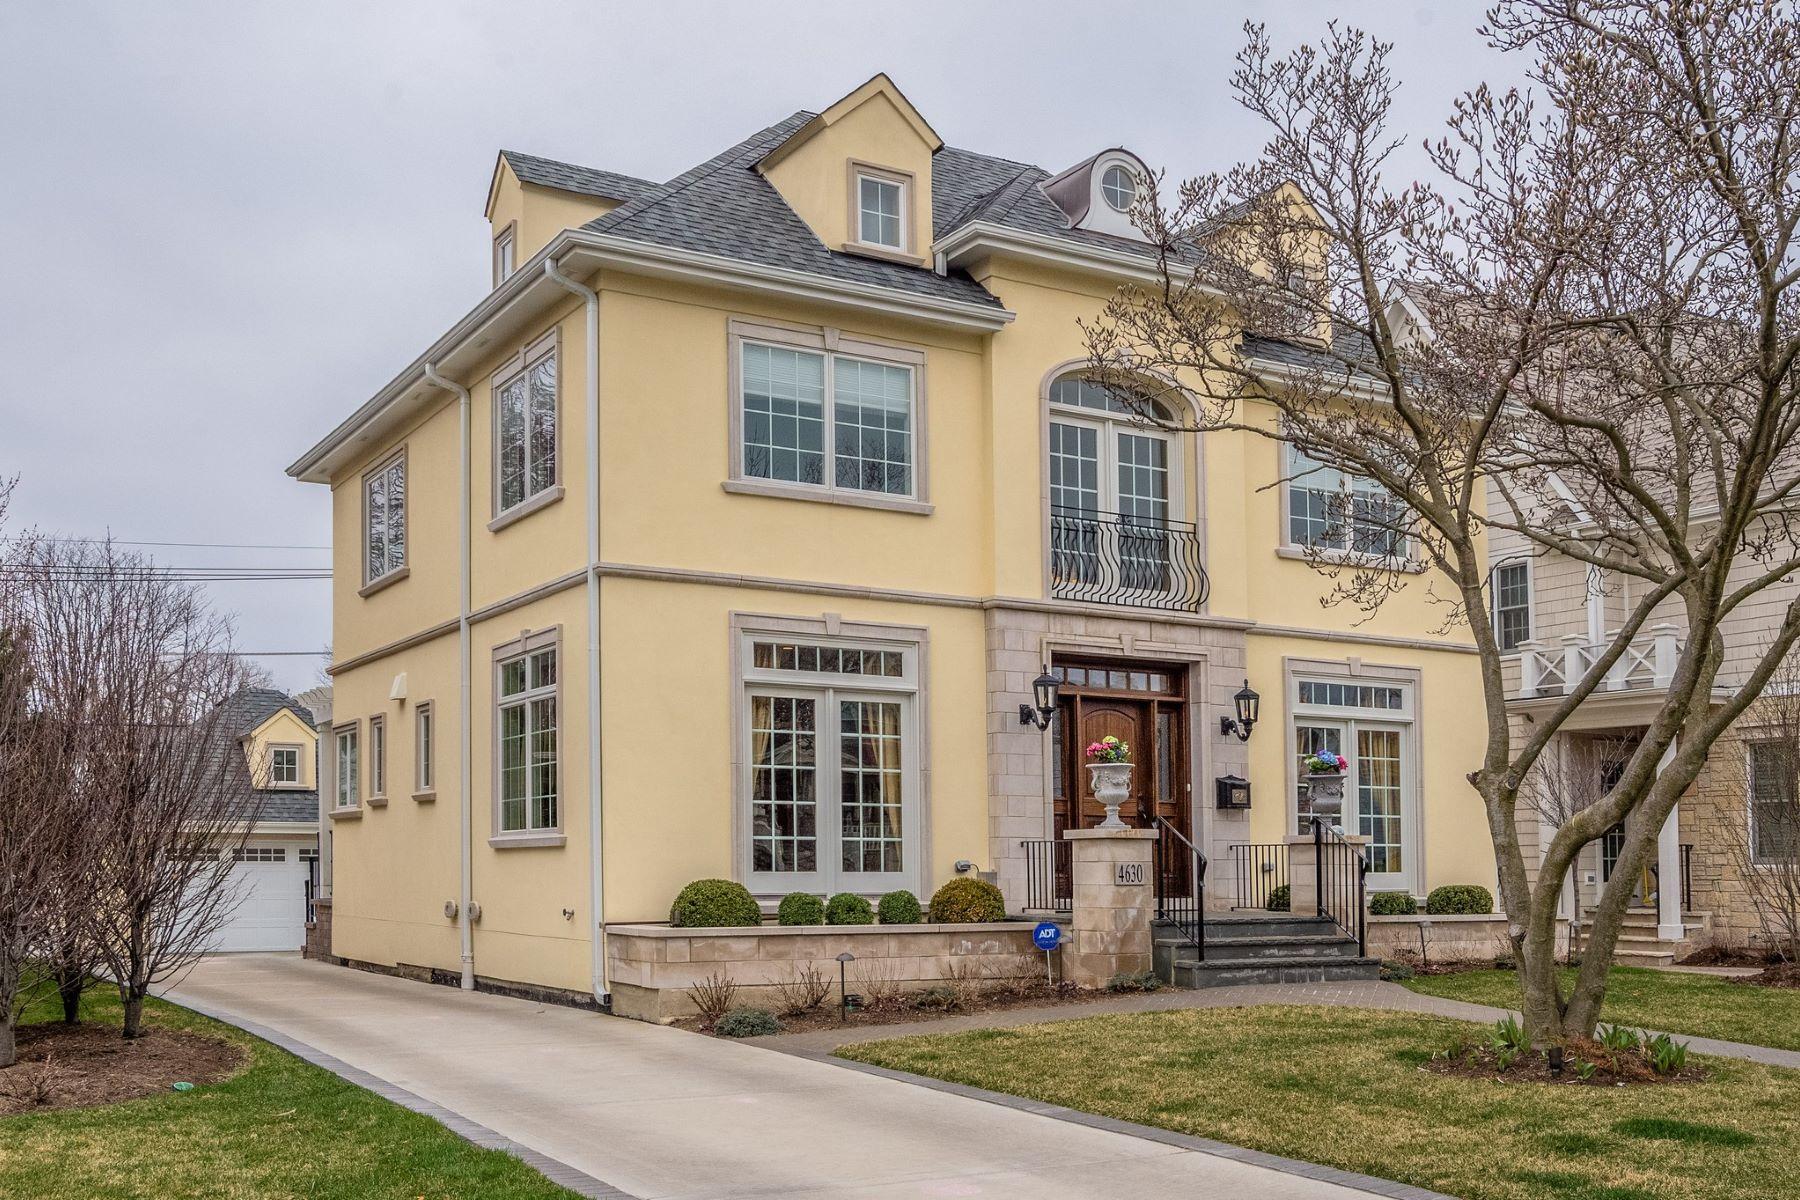 一戸建て のために 売買 アット 4630 Franklin Western Springs, イリノイ, 60558 アメリカ合衆国